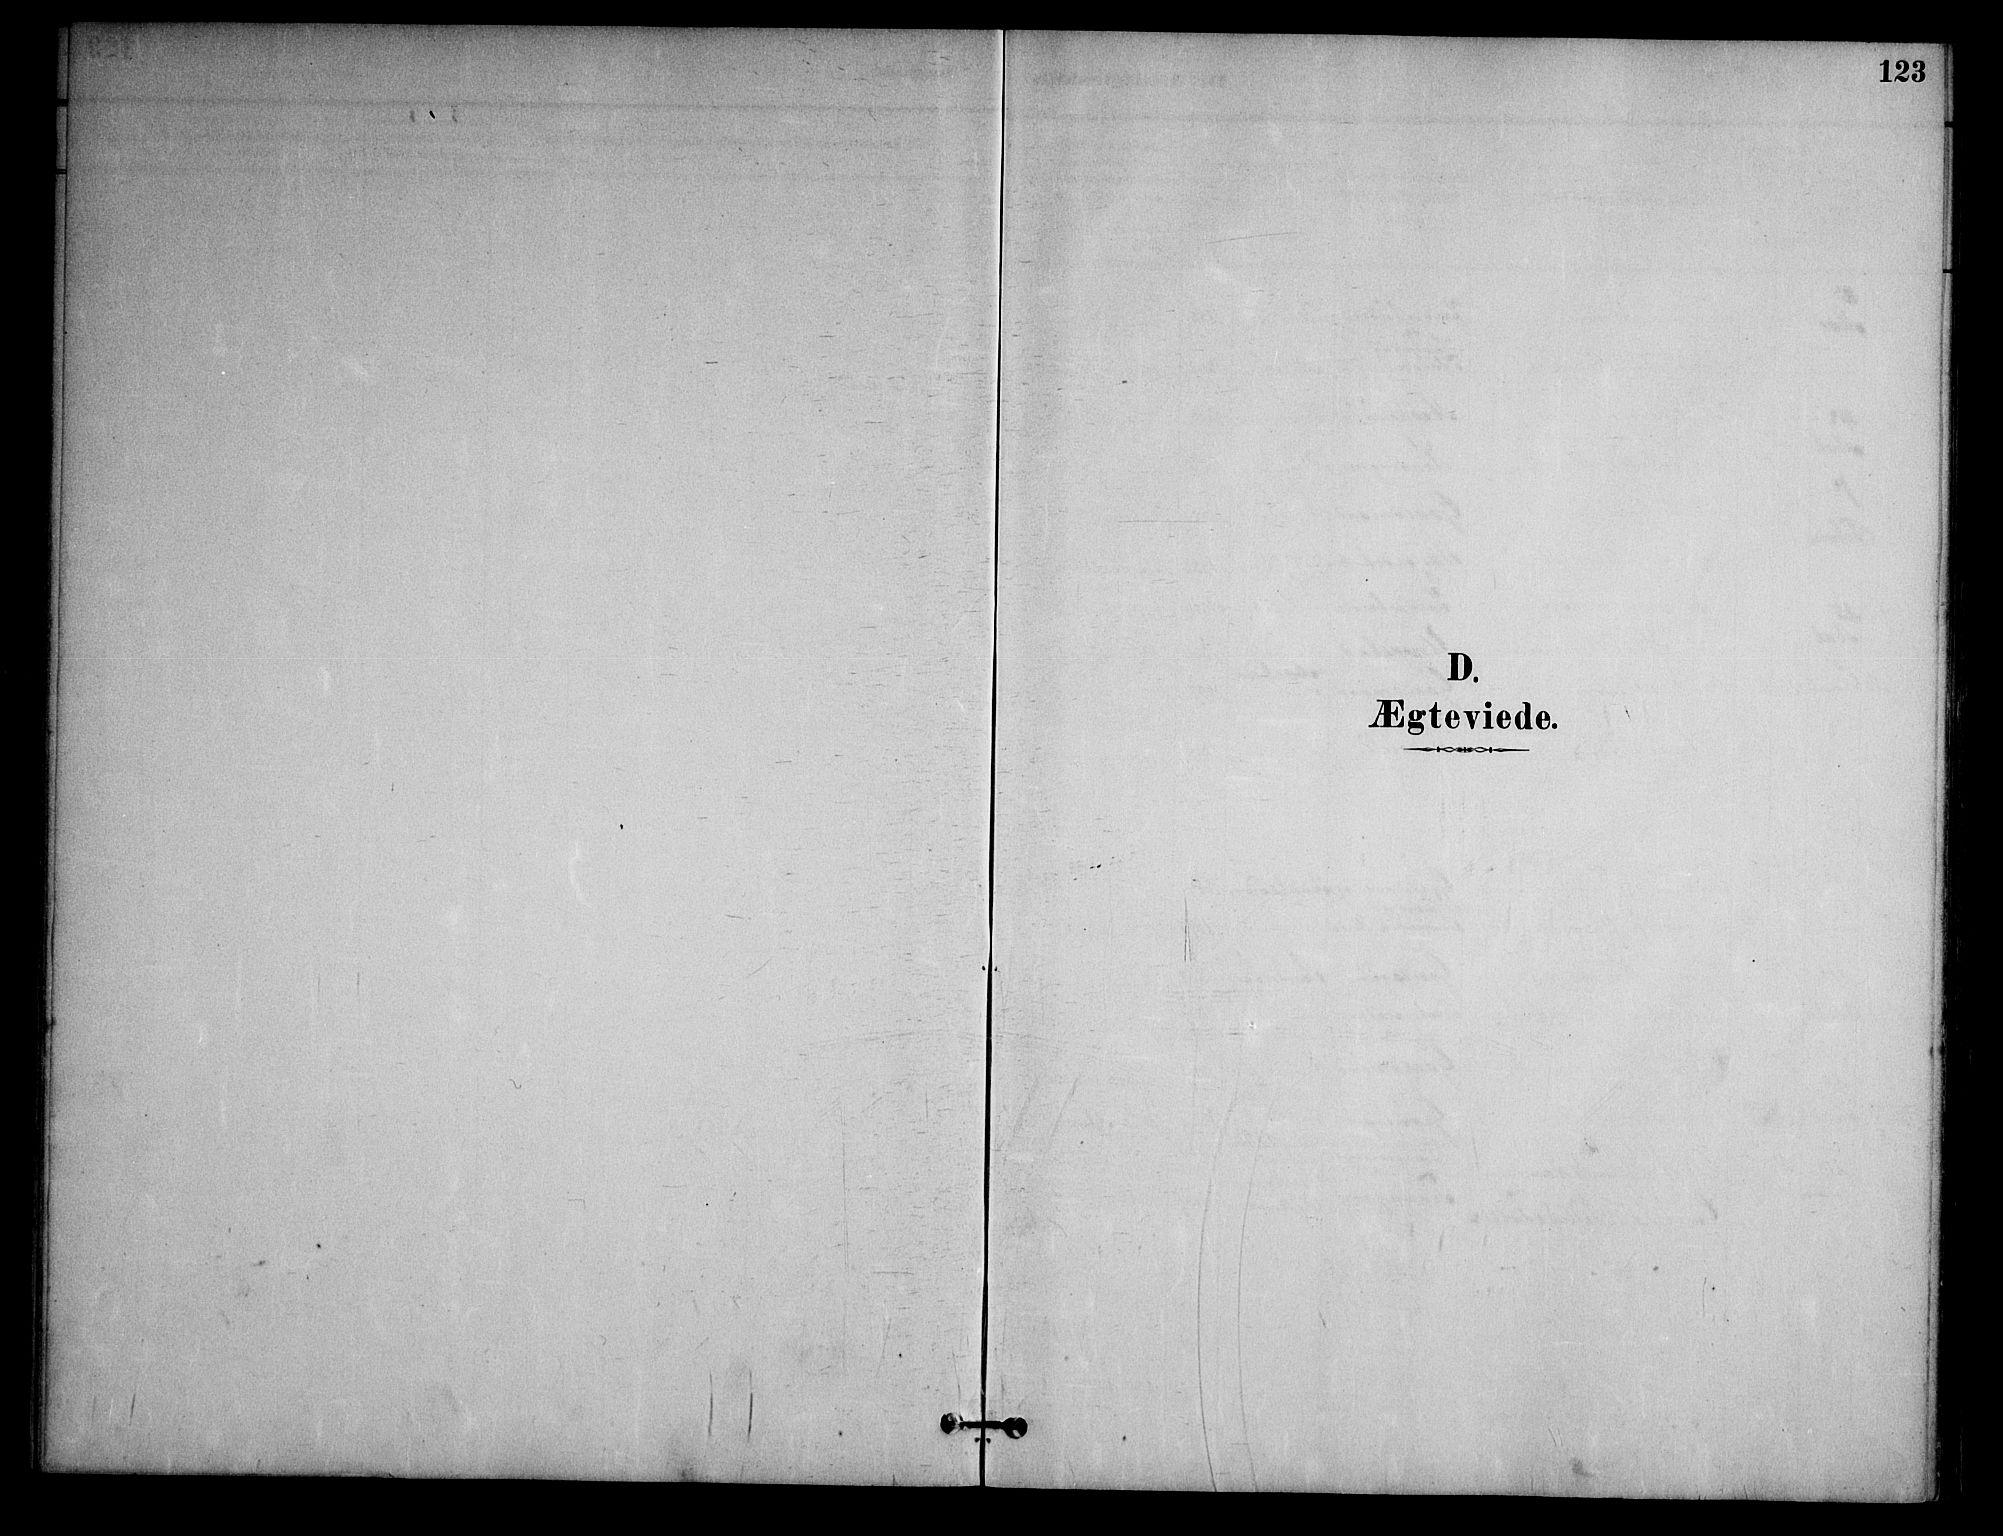 SAKO, Nissedal kirkebøker, G/Ga/L0003: Klokkerbok nr. I 3, 1887-1911, s. 123